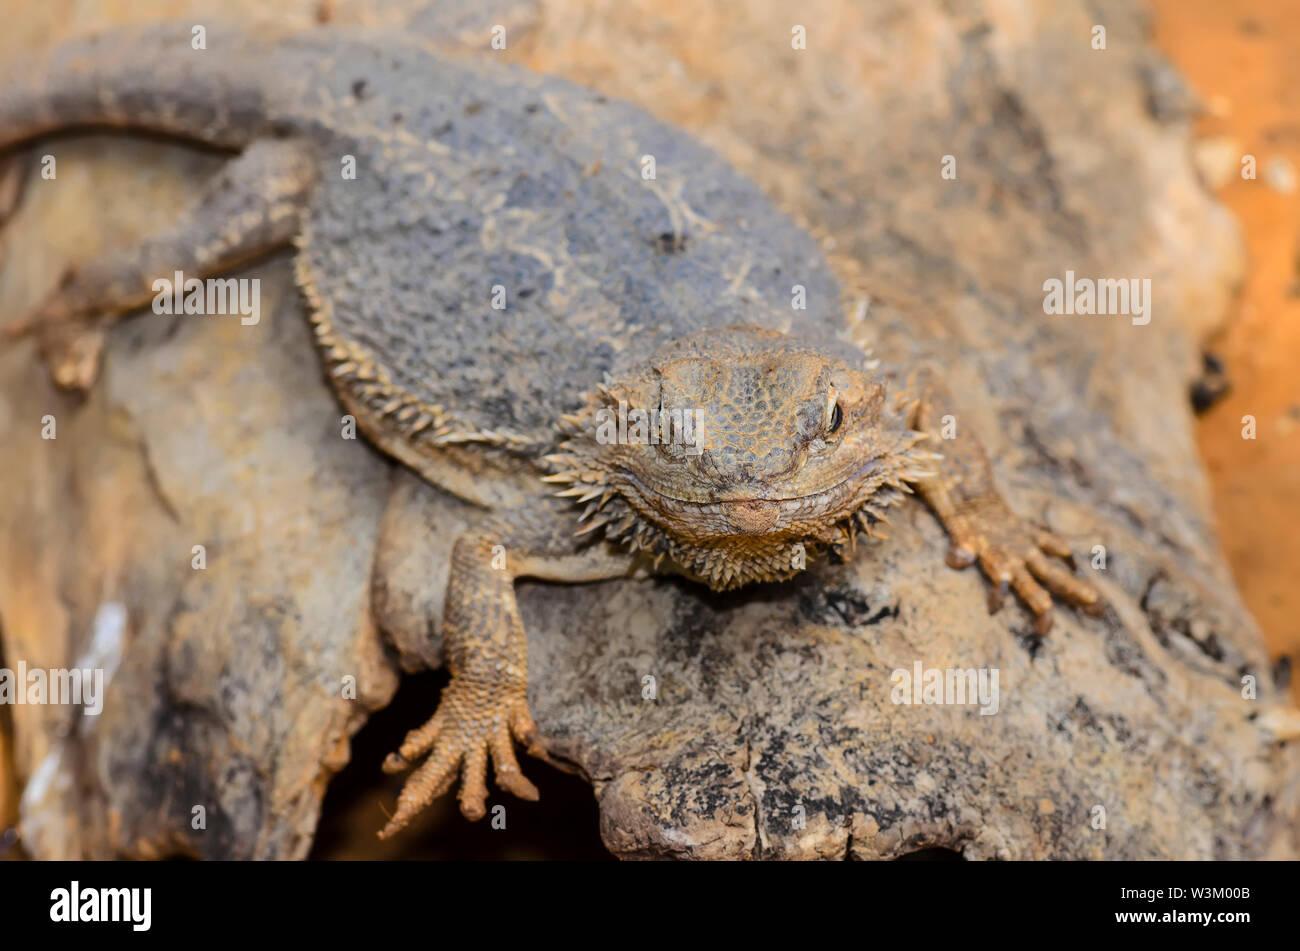 Die Östliche Bartagame Eidechse auch als gemeinsame Bartagamen, bekannt oder einfach bärtigen Lizard (Pogona Lanceolata) Stockfoto